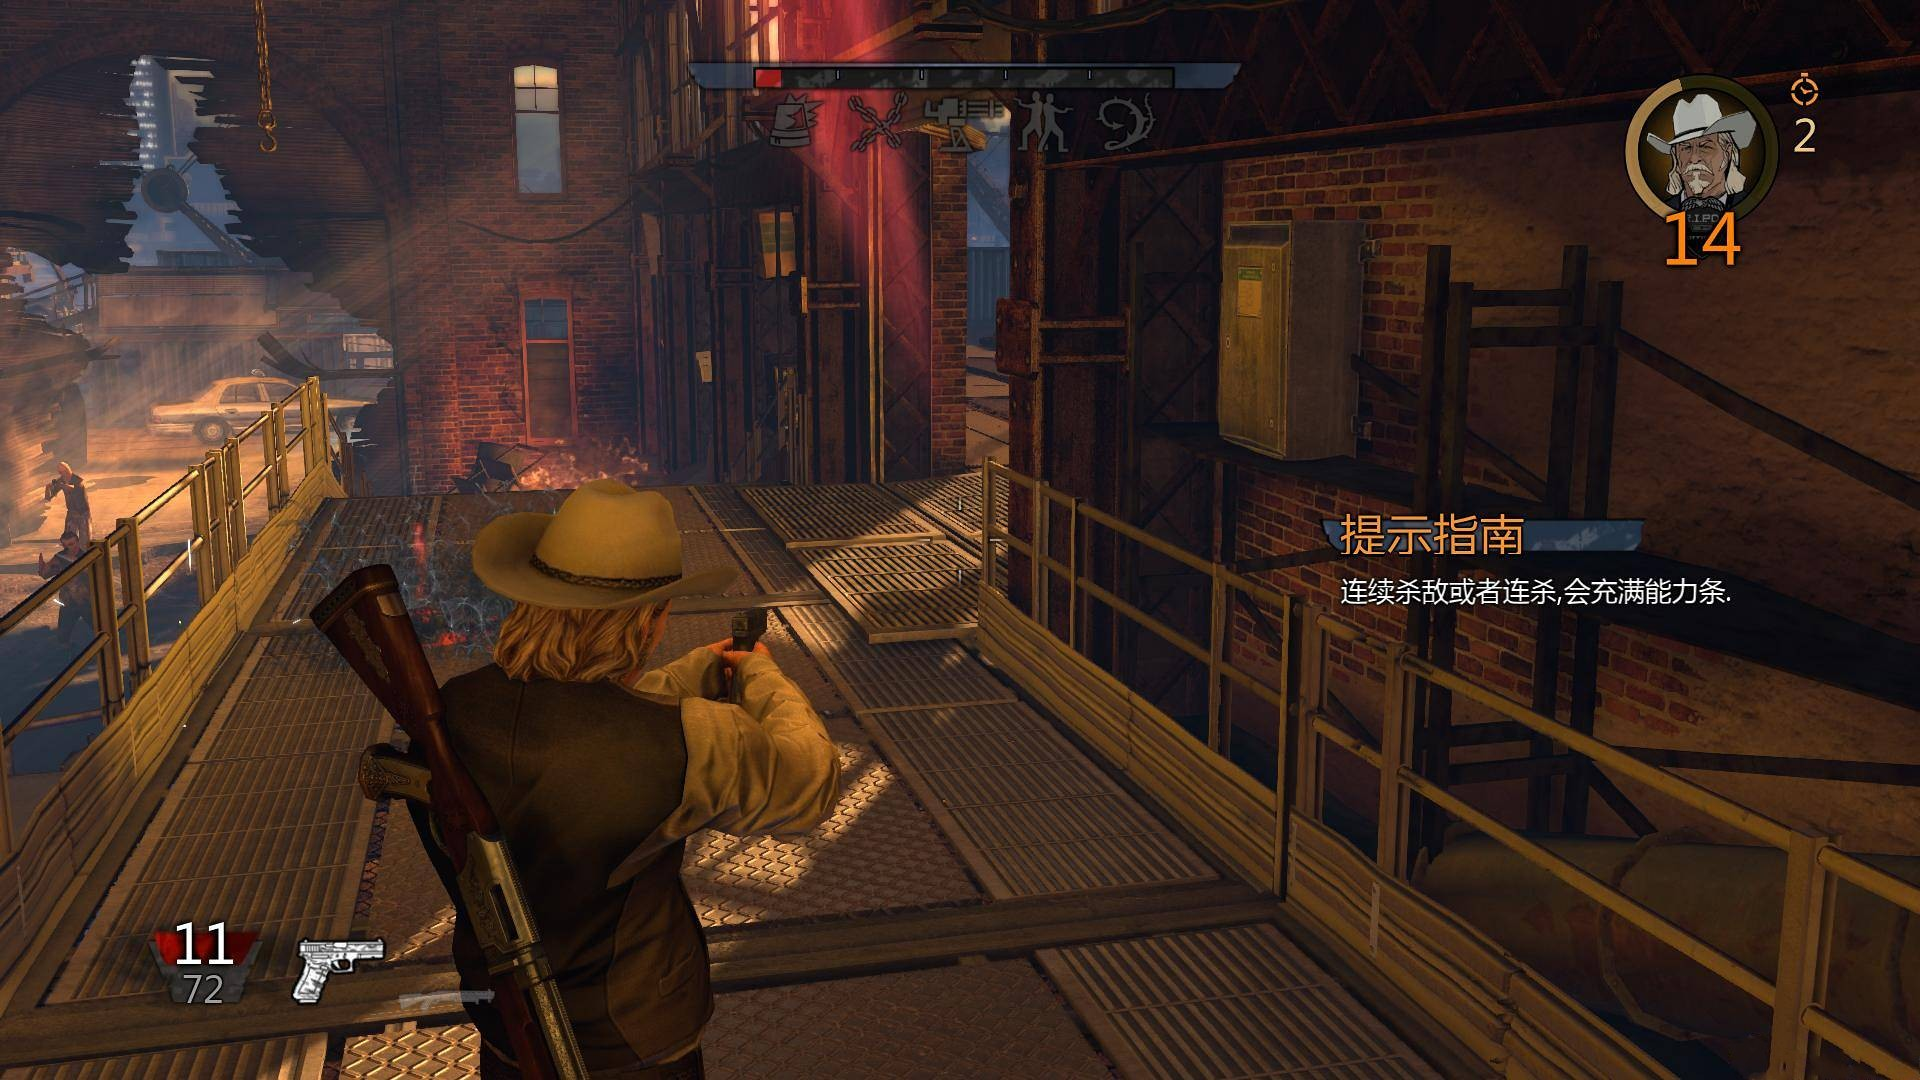 冥界警局中文版游戏下载